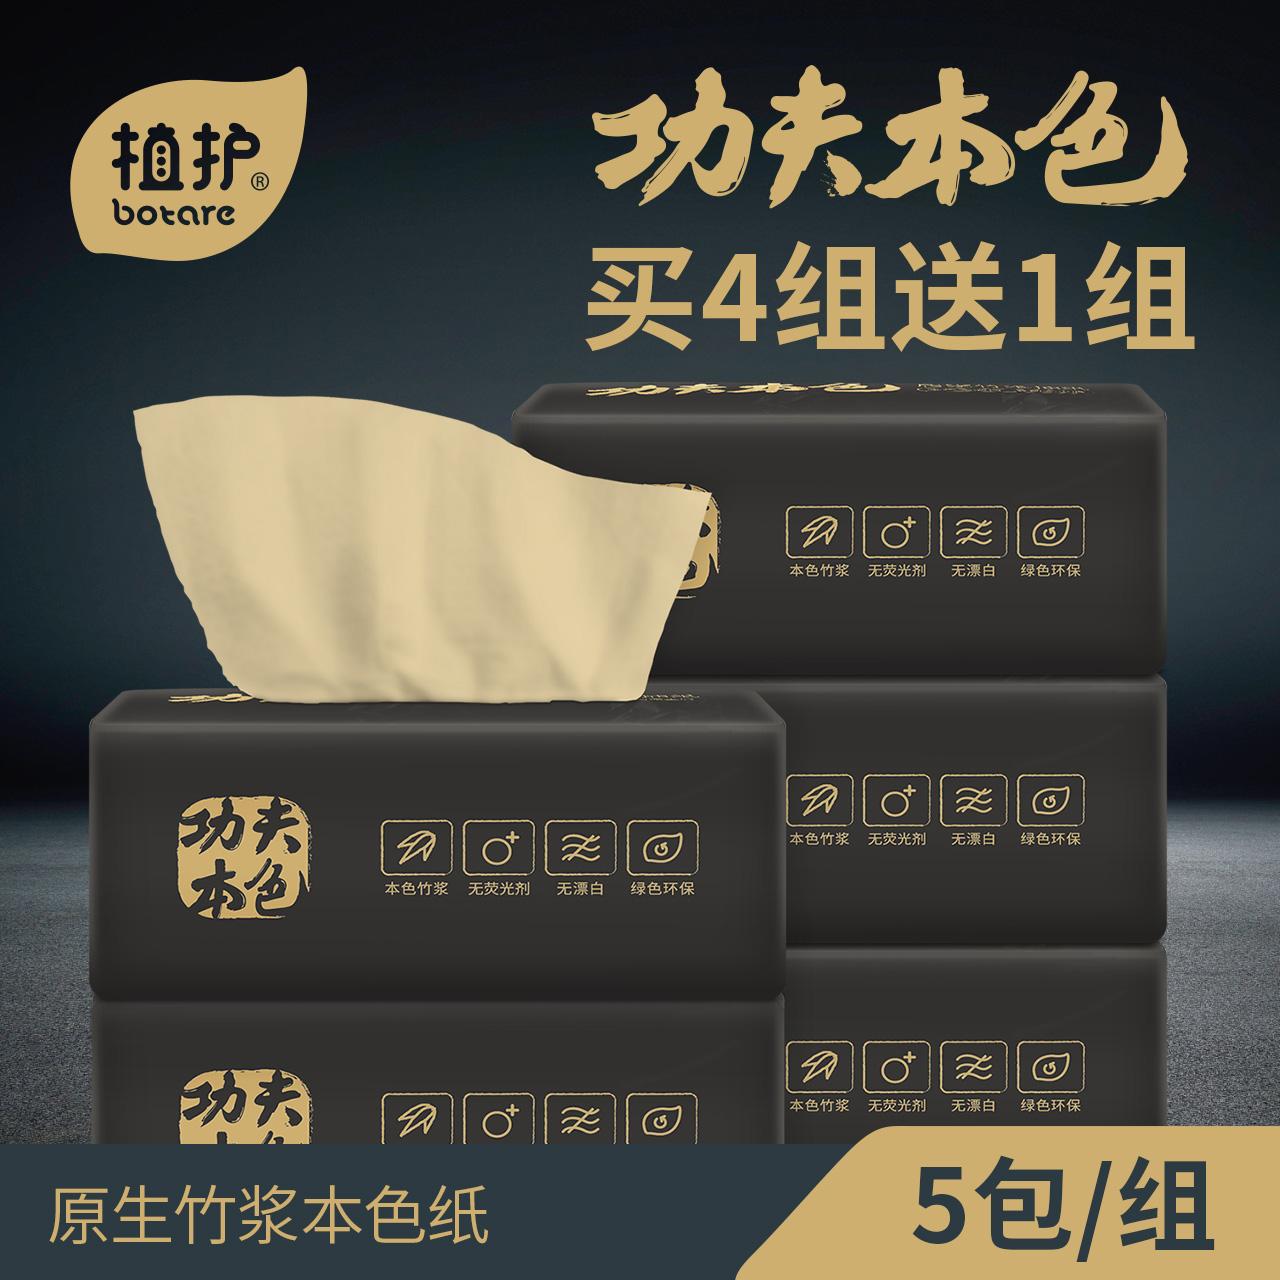 植护原生竹浆本色纸抽纸5包装抽取式面巾纸巾餐巾纸卫生纸家庭装